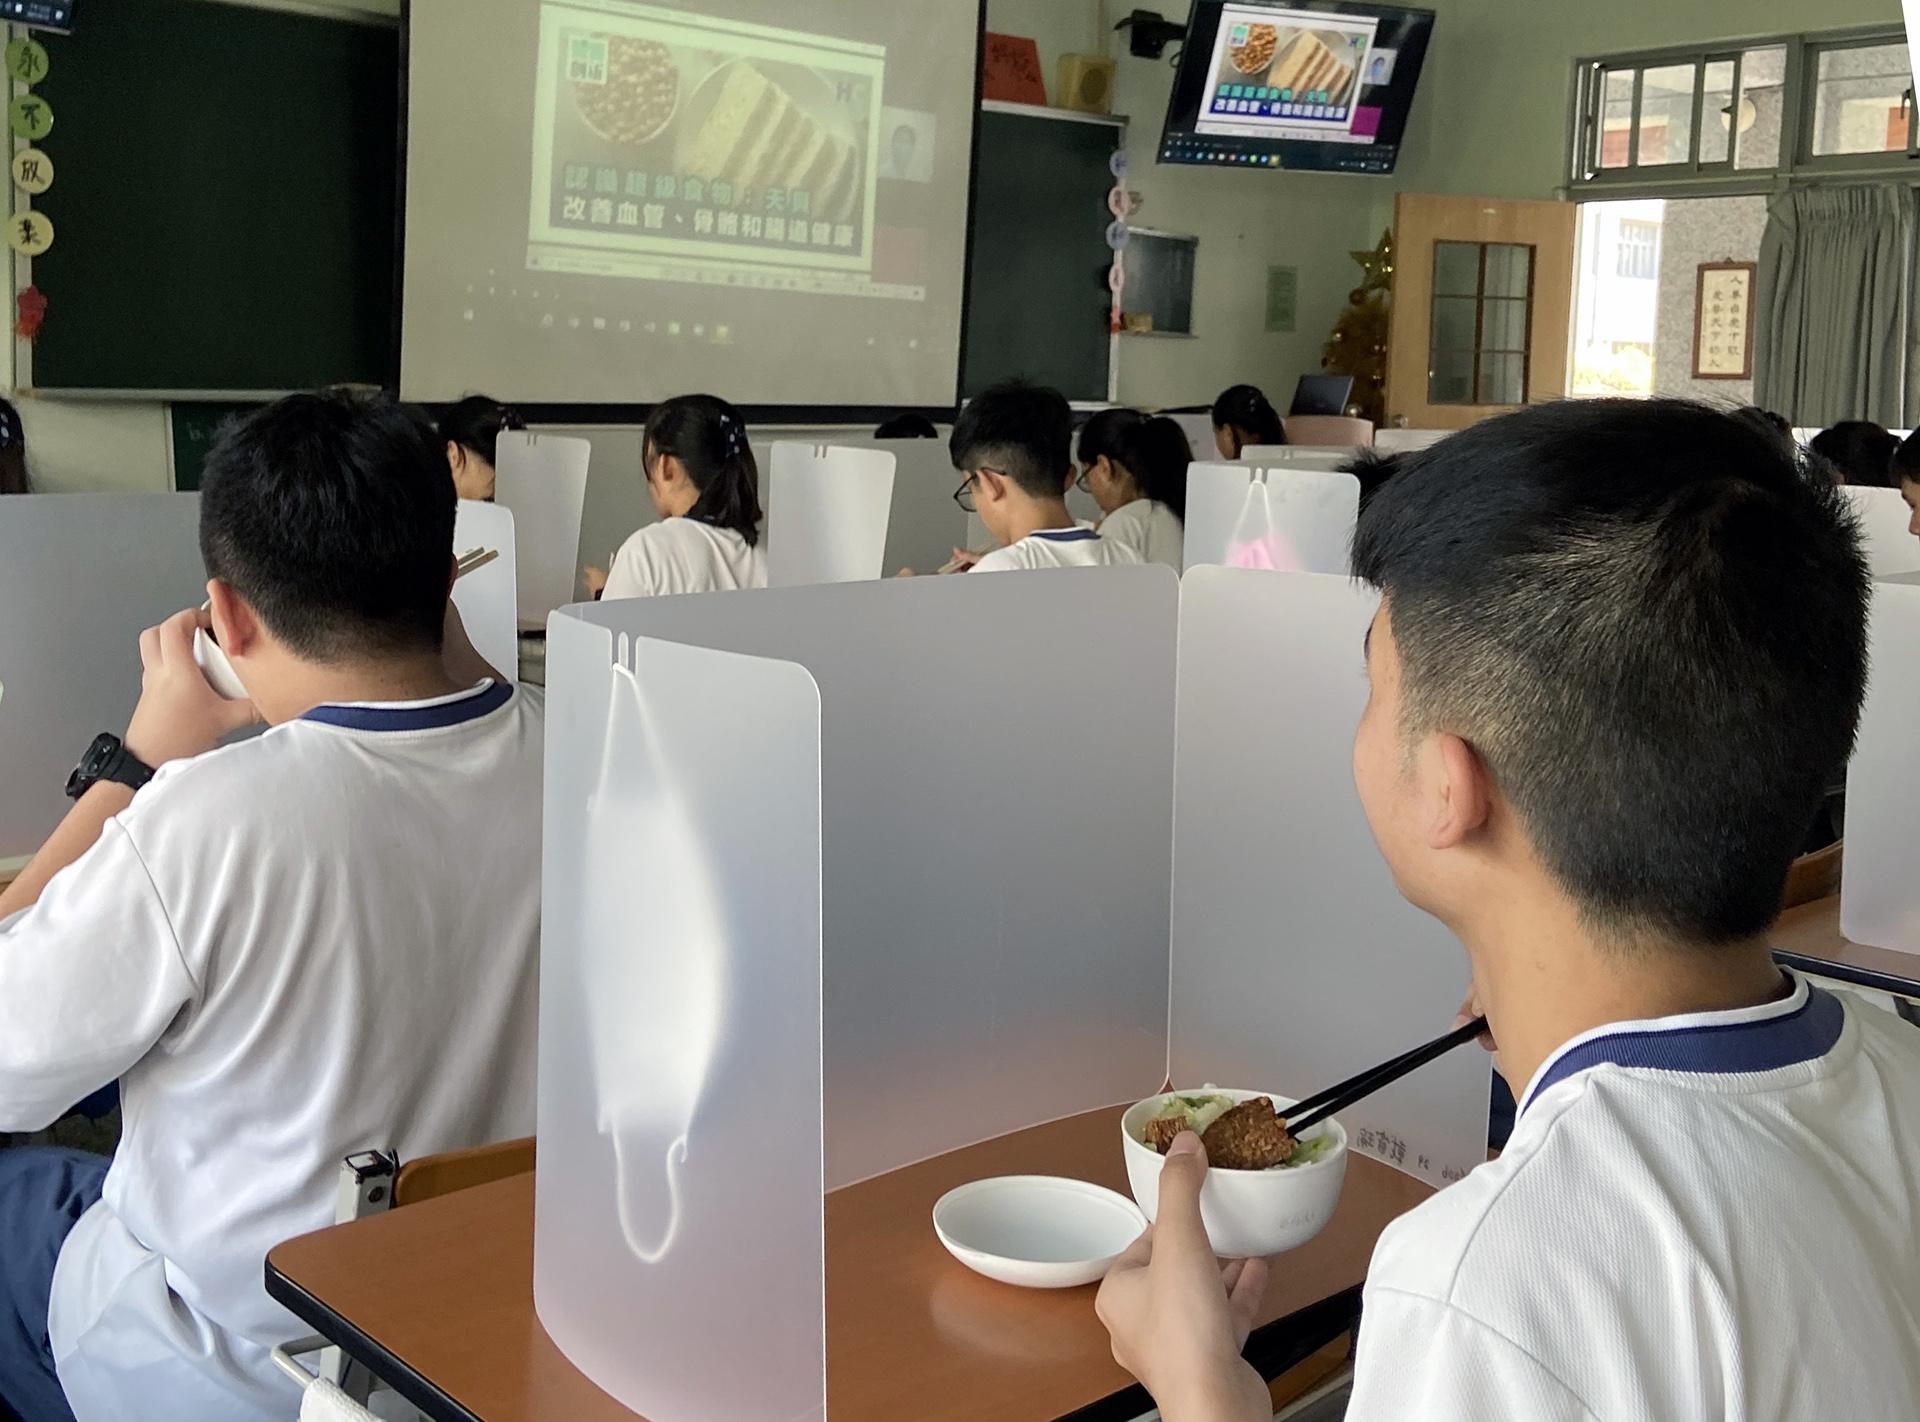 透過「午餐食客」推動食農教育,建立低碳蔬食飲食習慣。